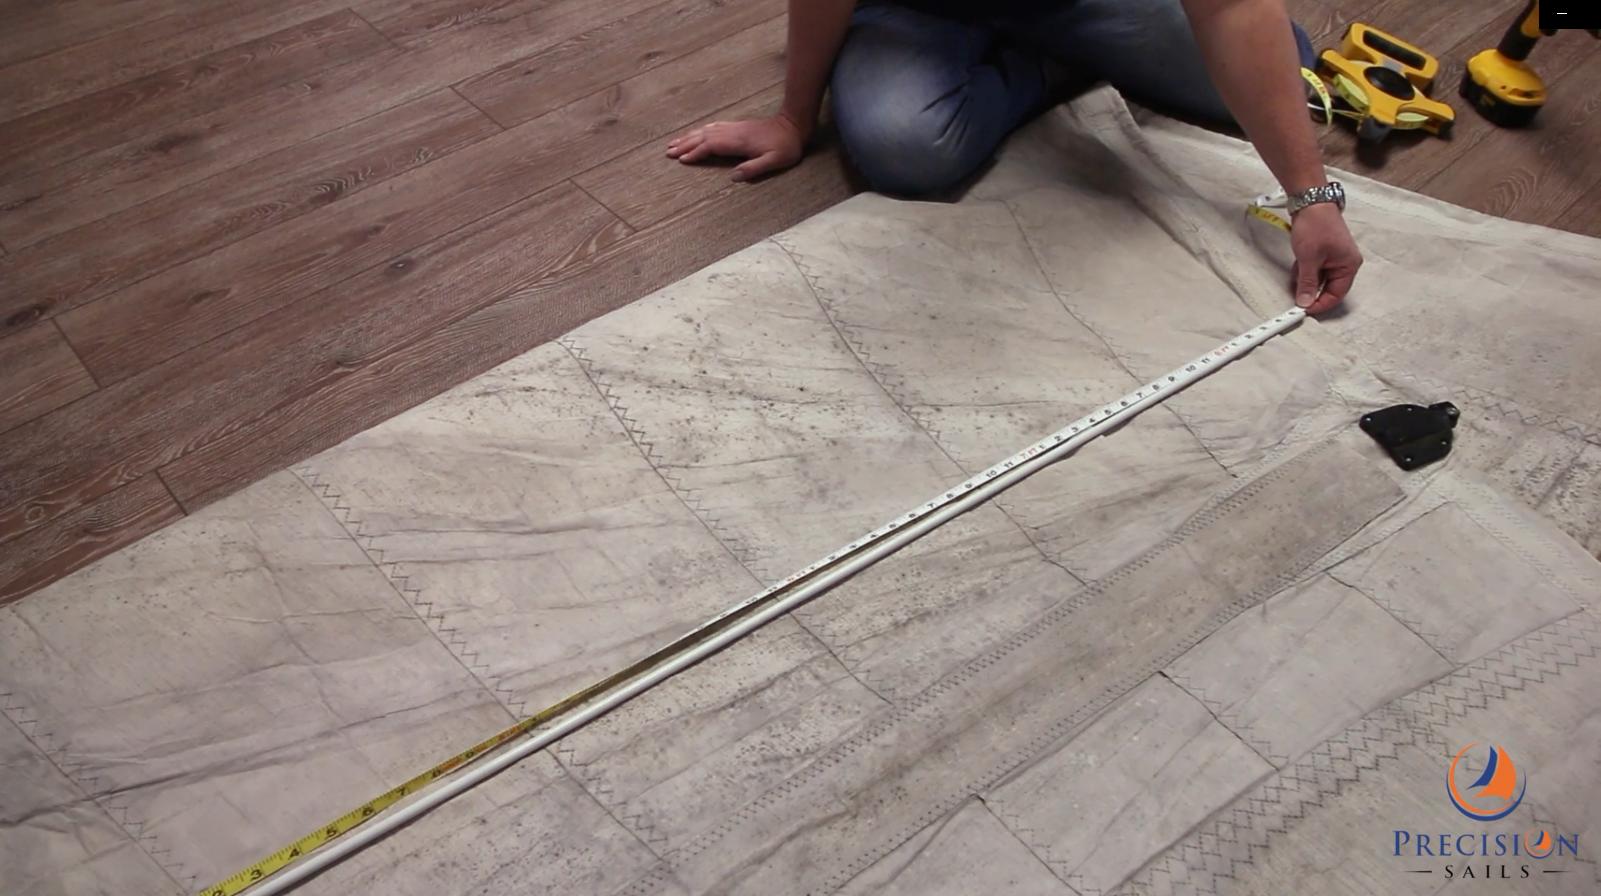 catamaran batten length measurement